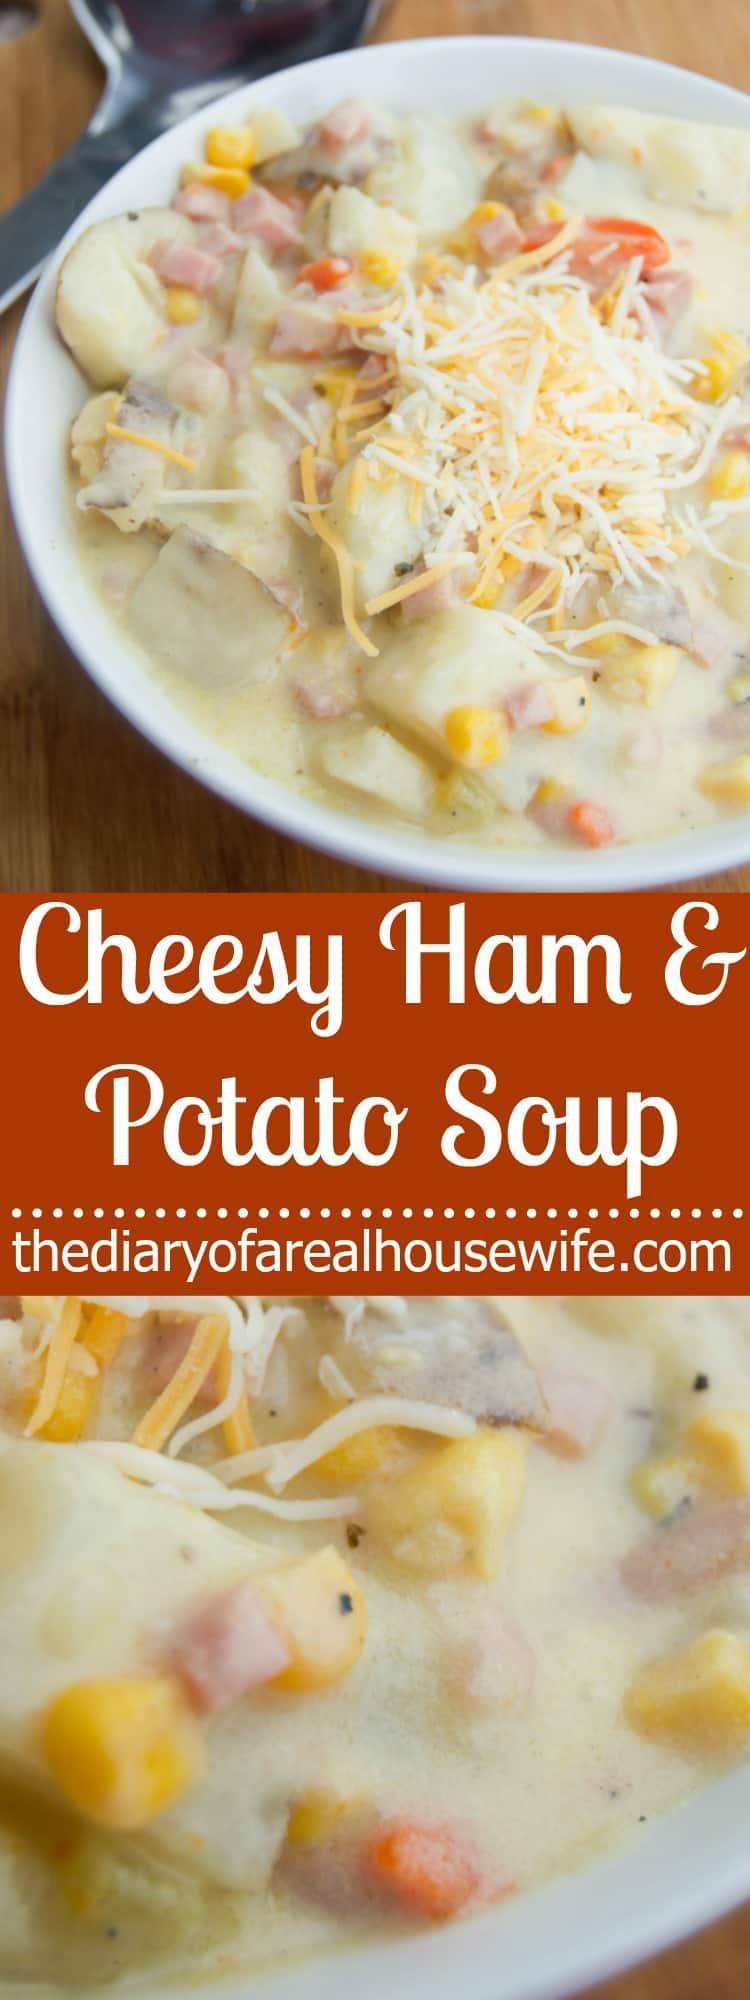 cheesy-ham-and-potato-soup